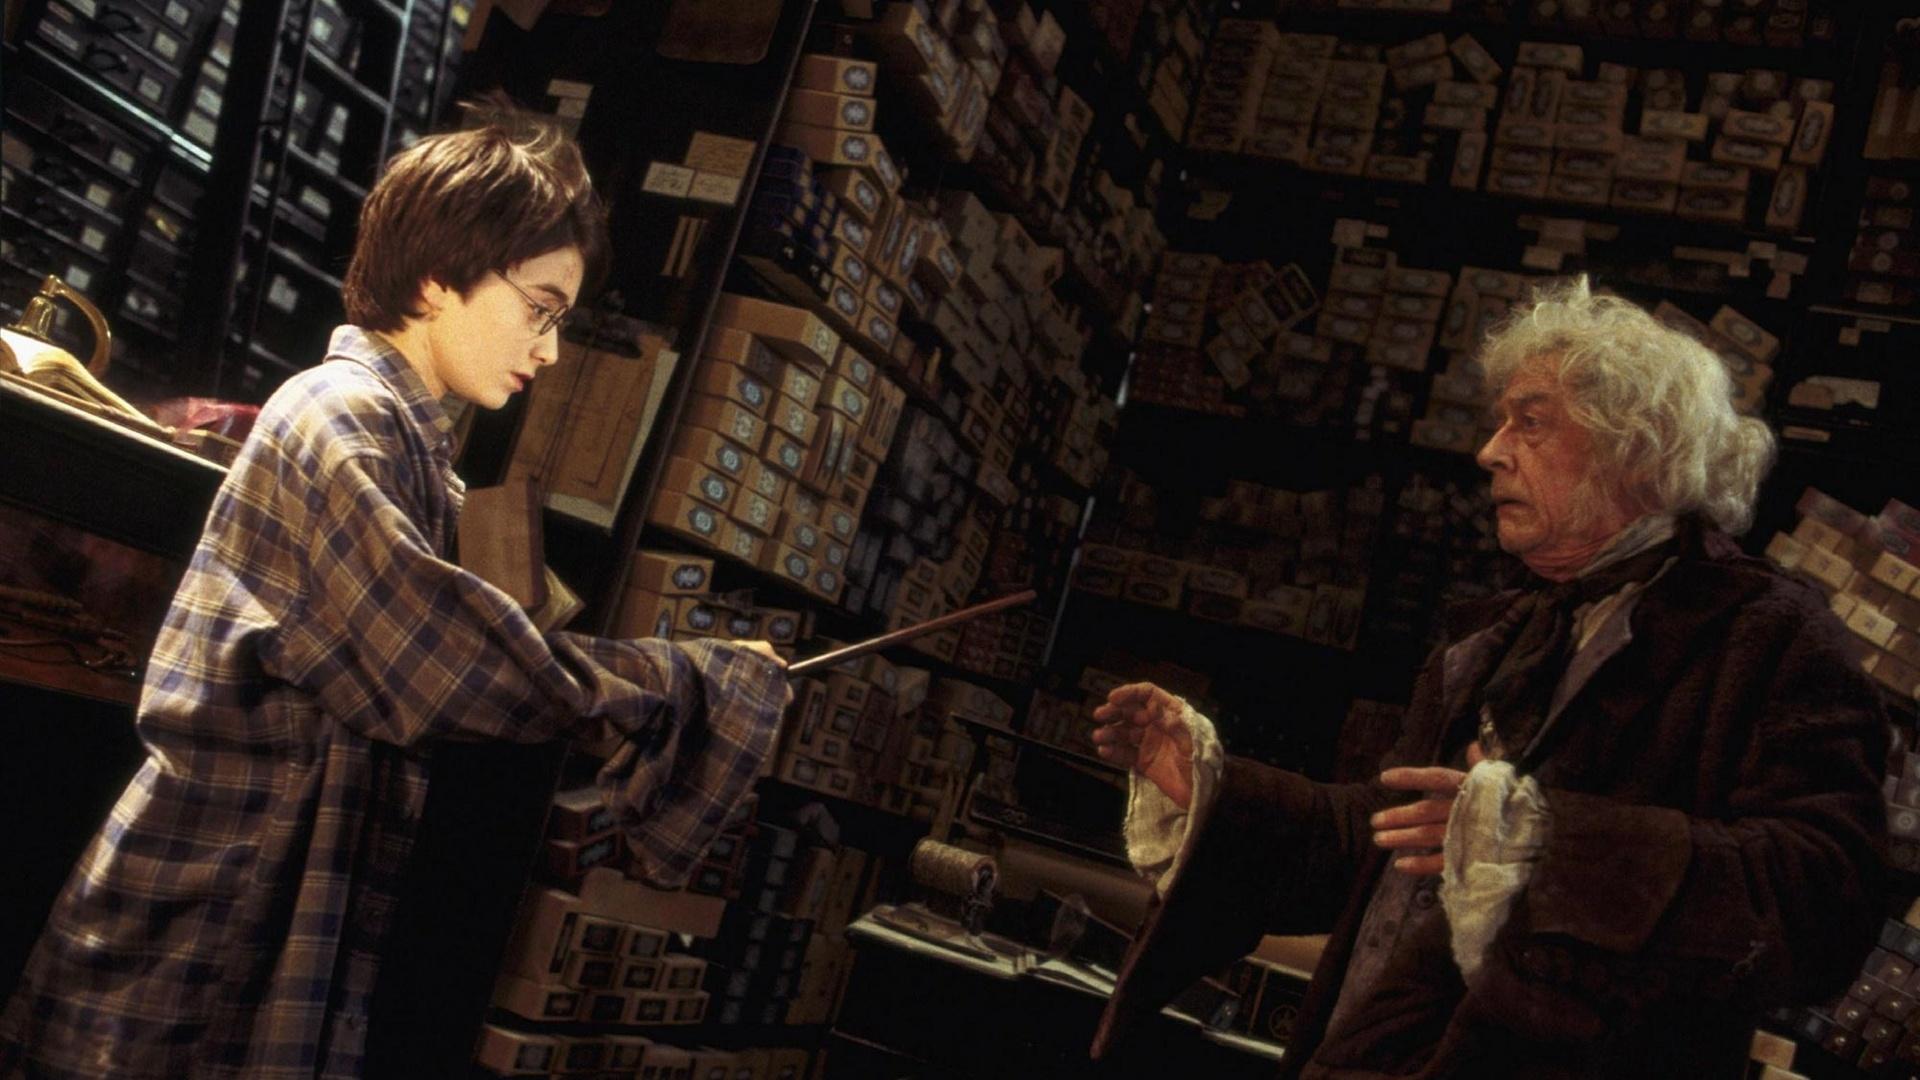 Херт предстает в роли мистера Олливандера — невозмутимого хозяина магазина волшебных палочек, которы